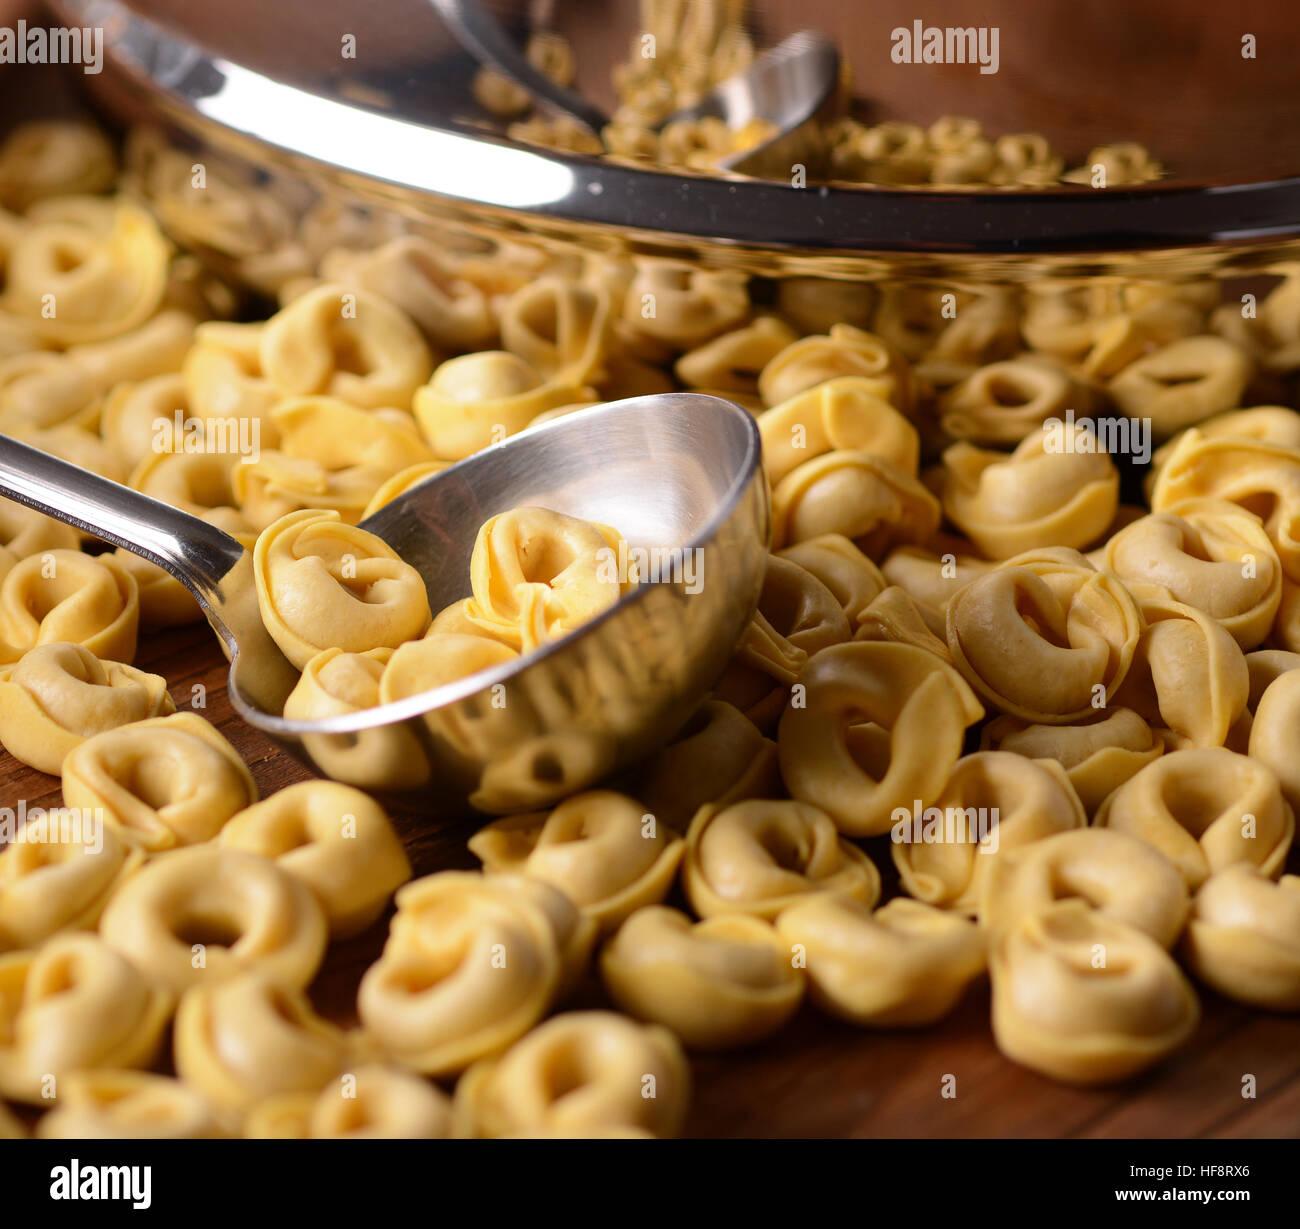 Non cotte tortellini fatti in casa - cibo tradizionale italiano Immagini Stock